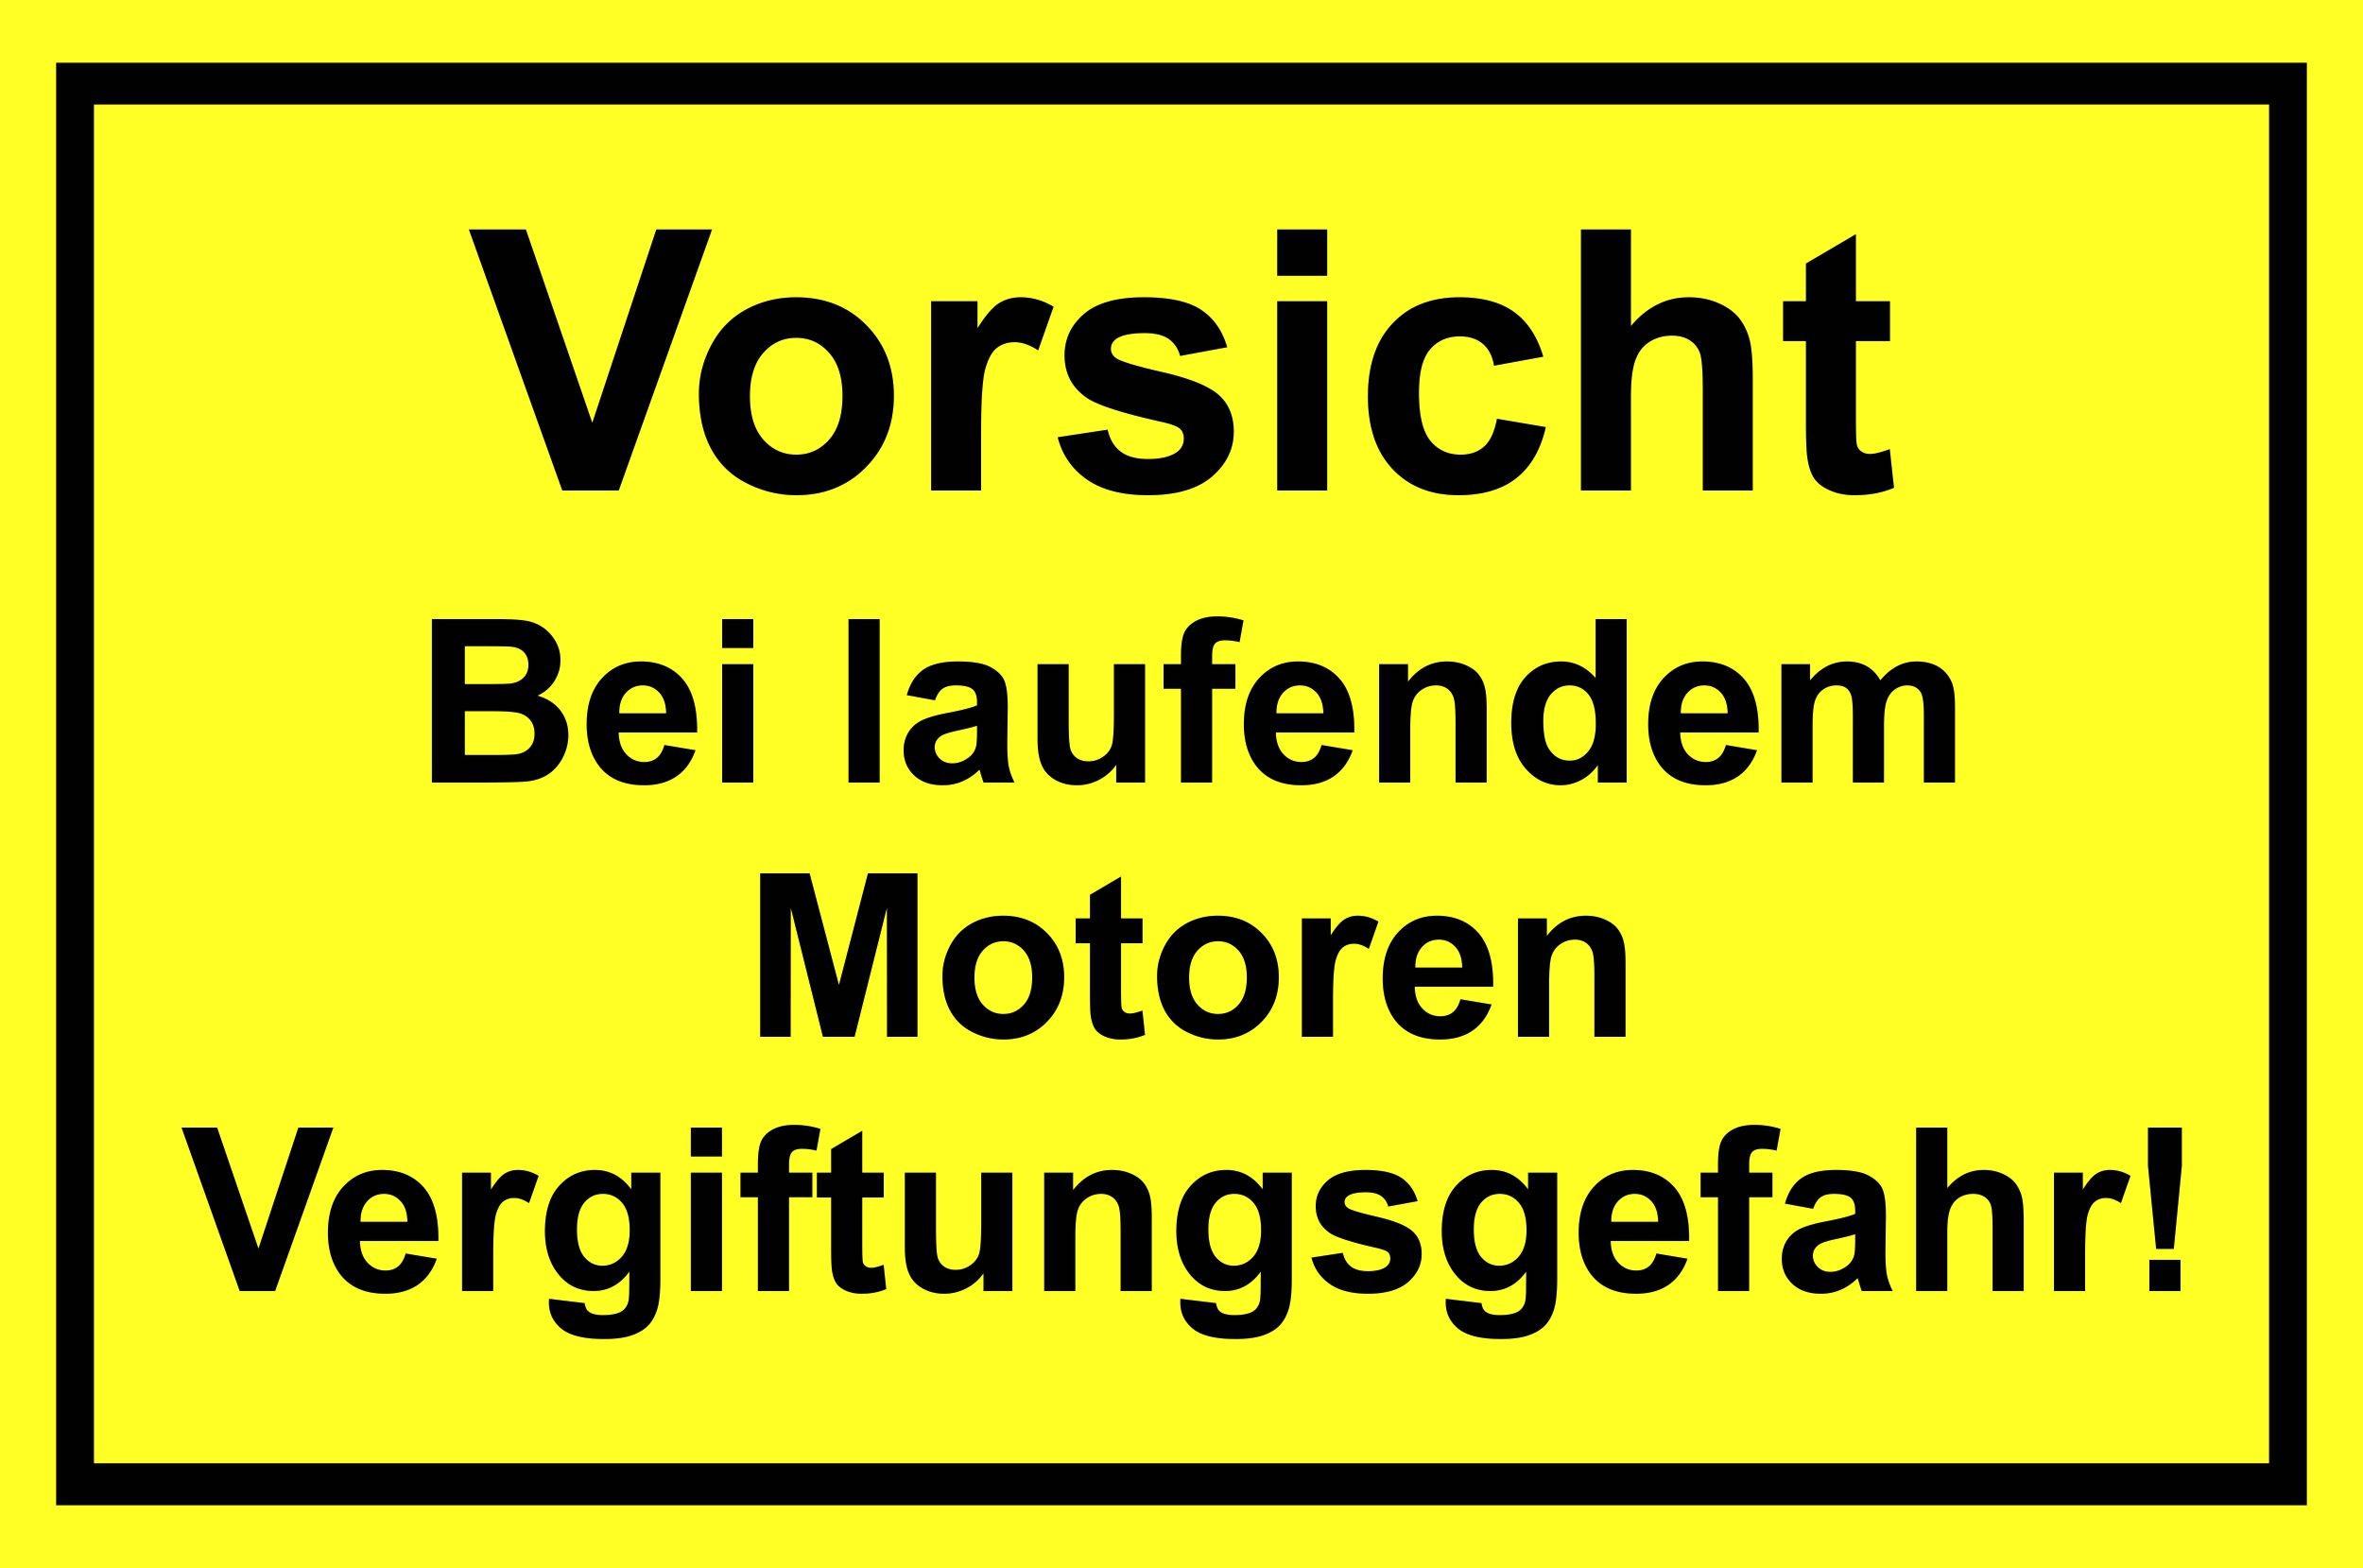 Vorsicht  Bei laufenden Motoren Vergiftungsgefahr! 200 x 300 mm Warn- Hinweis- und Verbotsschild PST-Kunststoff – Bild 1